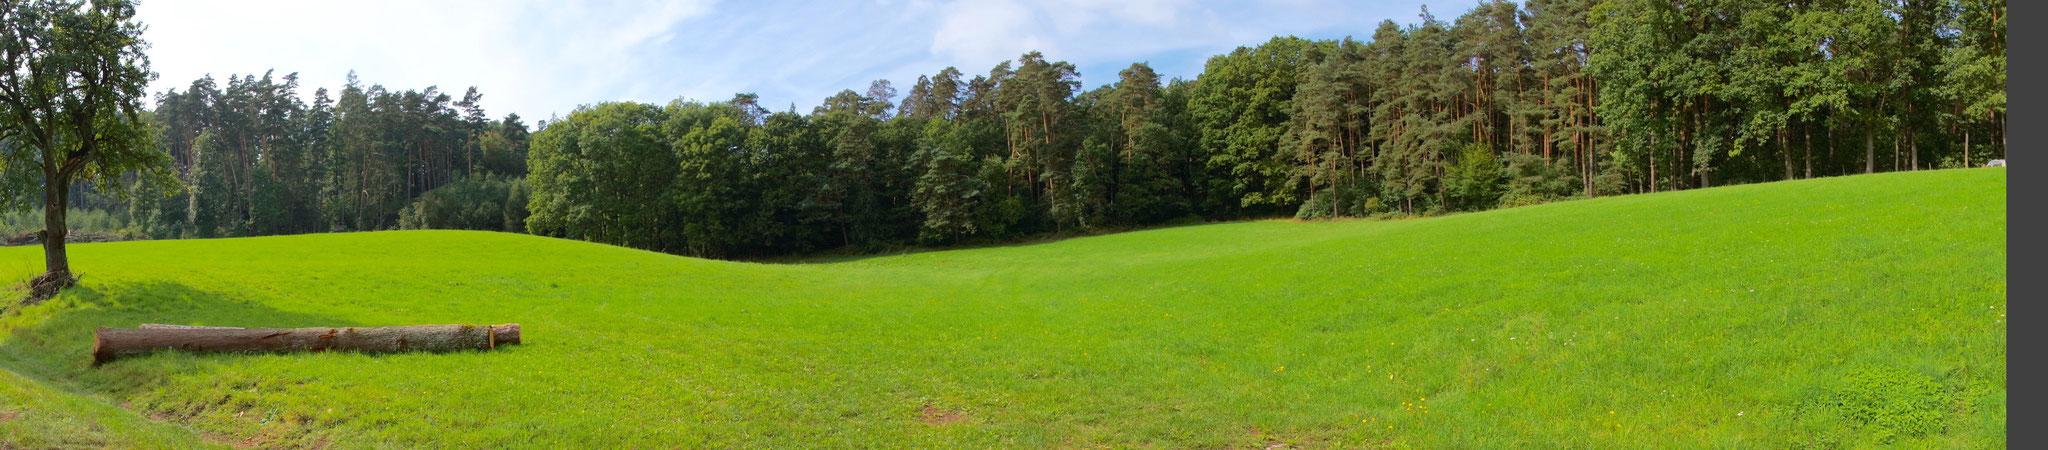 Nördlich von Bad Windsheim